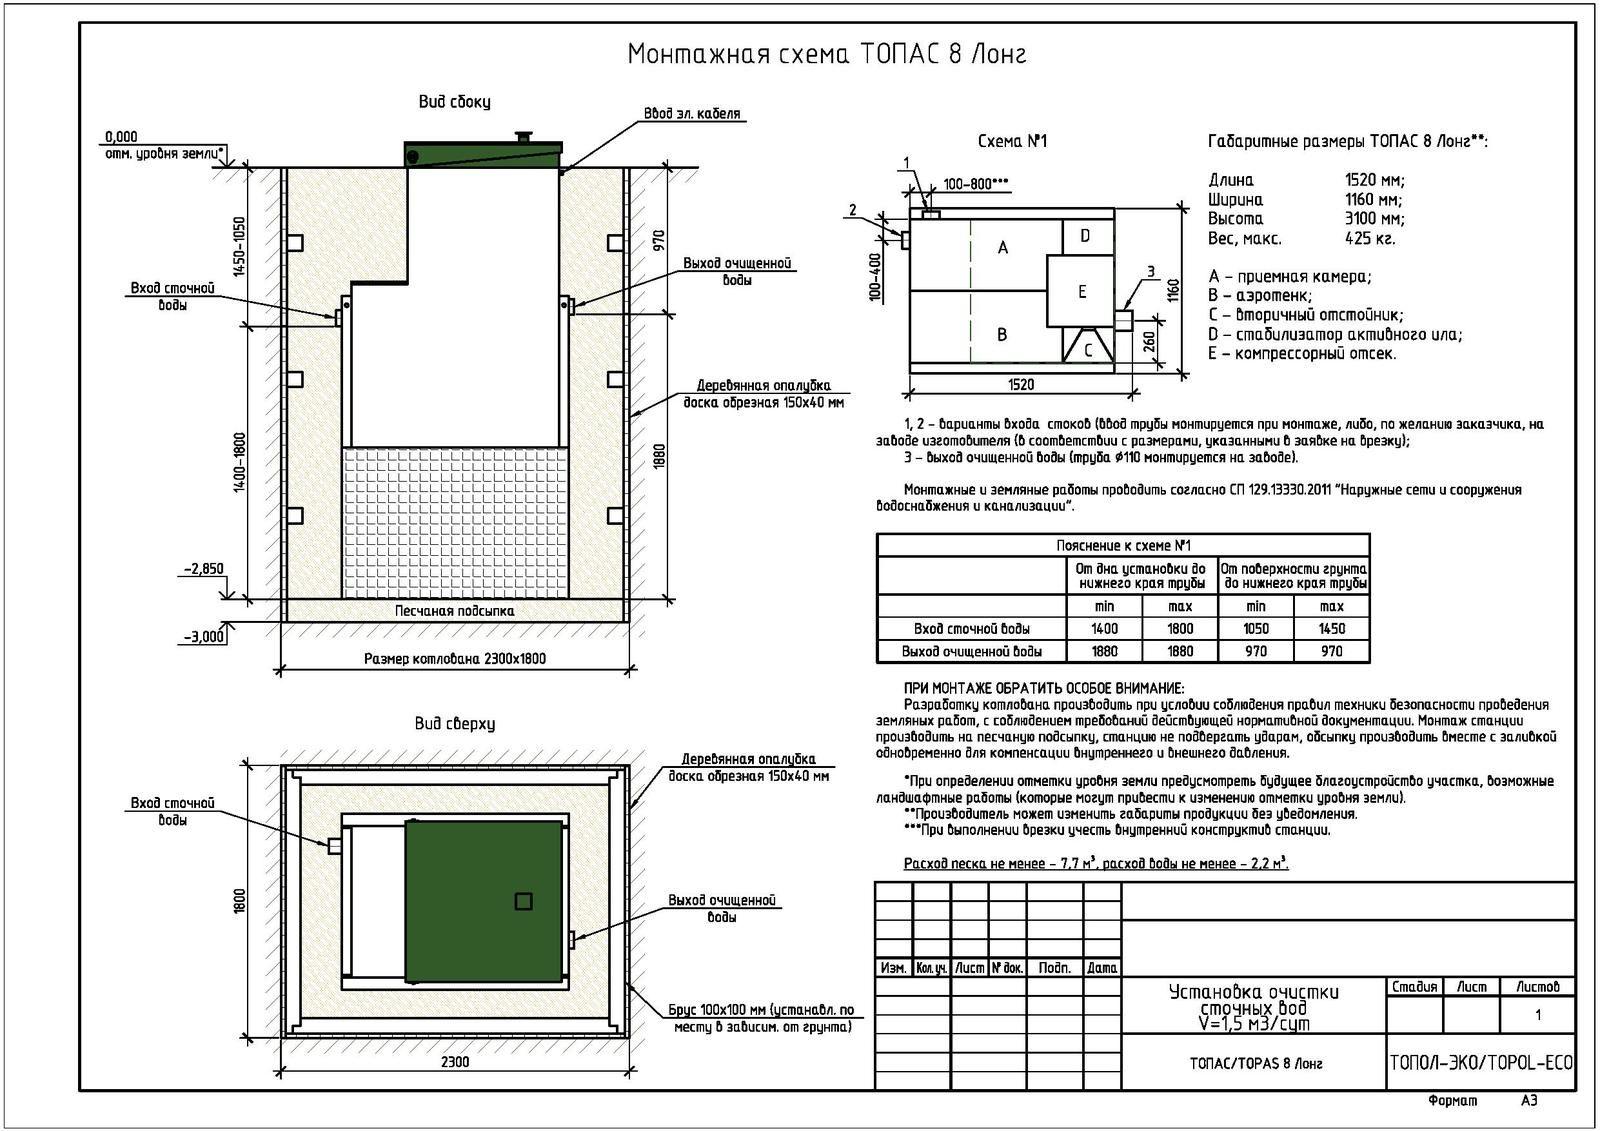 Монтажная схема септика Топас 8 Лонг